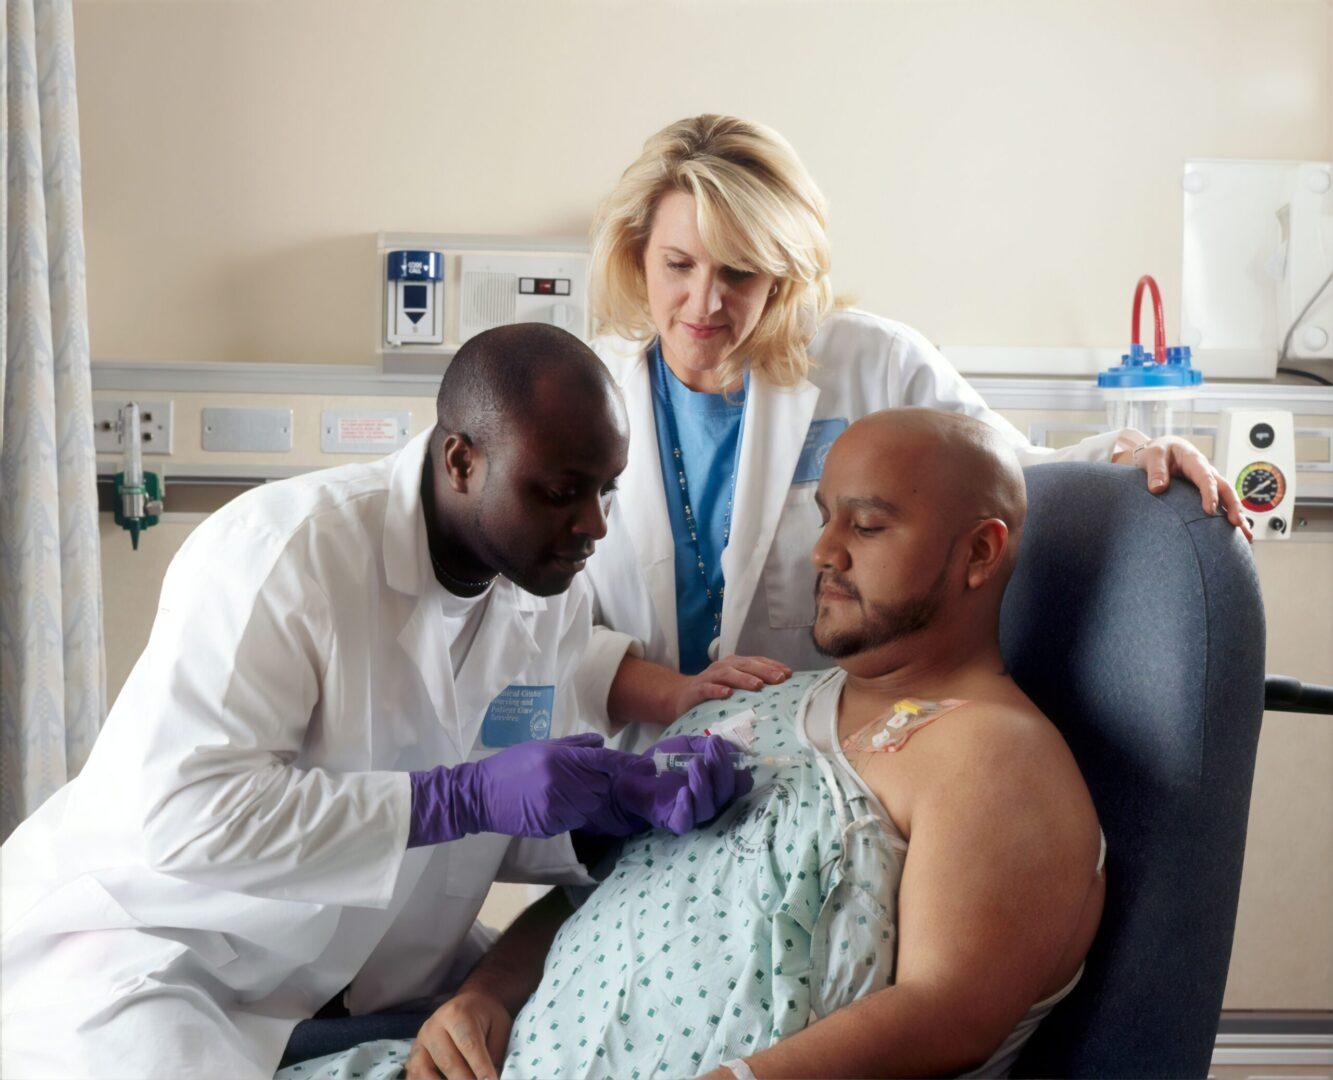 national-cancer-institute-bM4MXYPY61U-unsplash